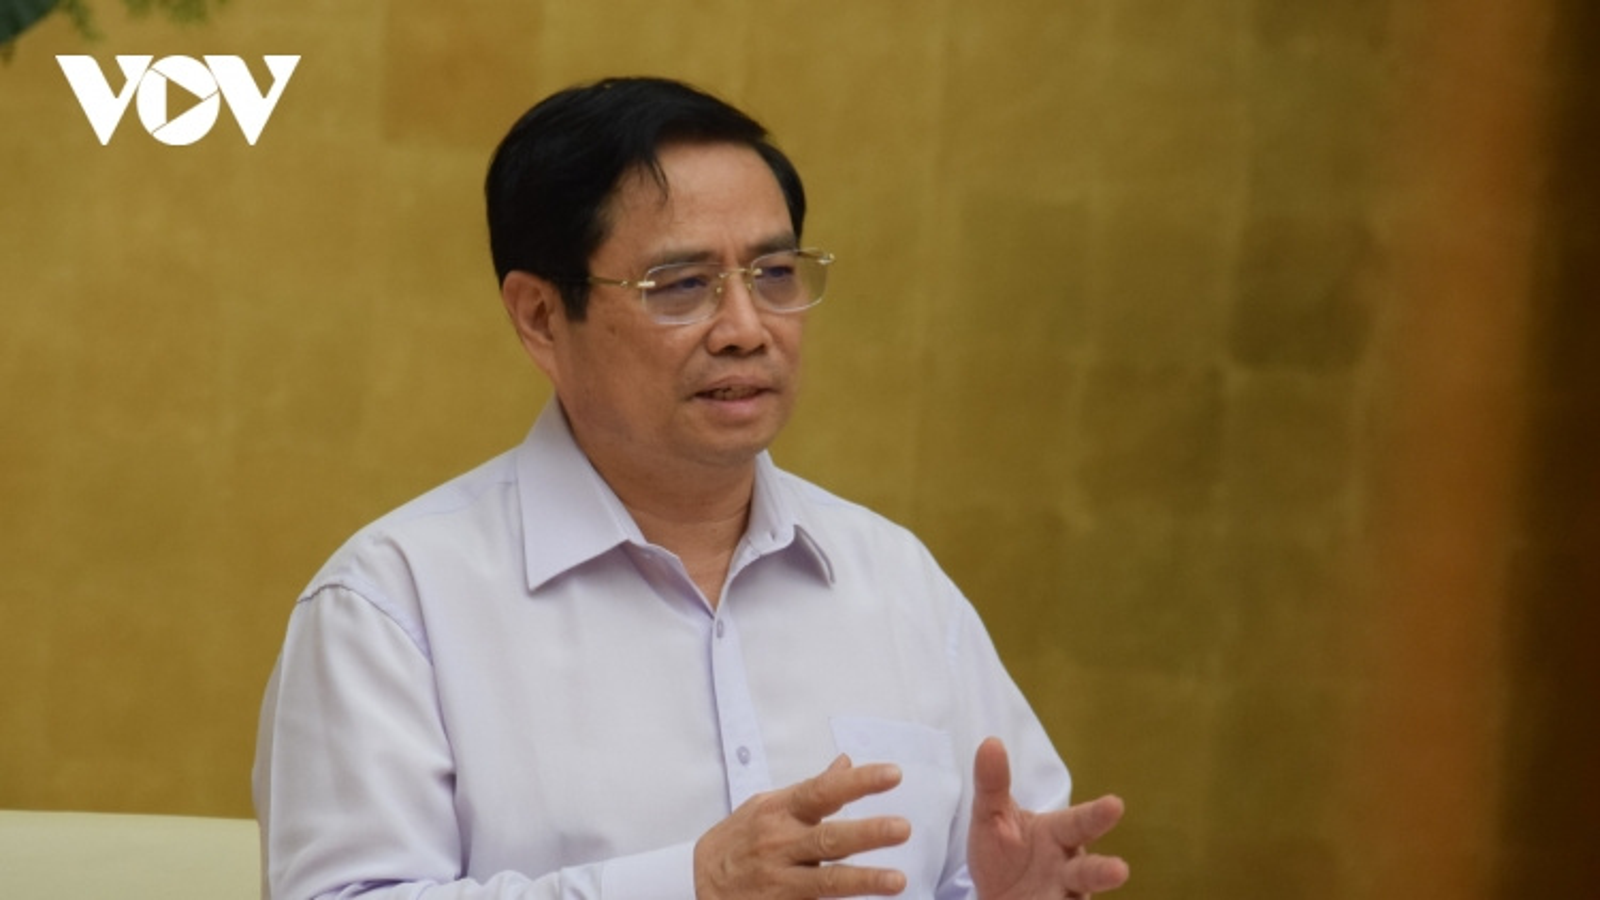 Thủ tướng: Chậm nhất đến 30/9, Kiên Giang và Tiền Giang phải kiểm soát được dịch